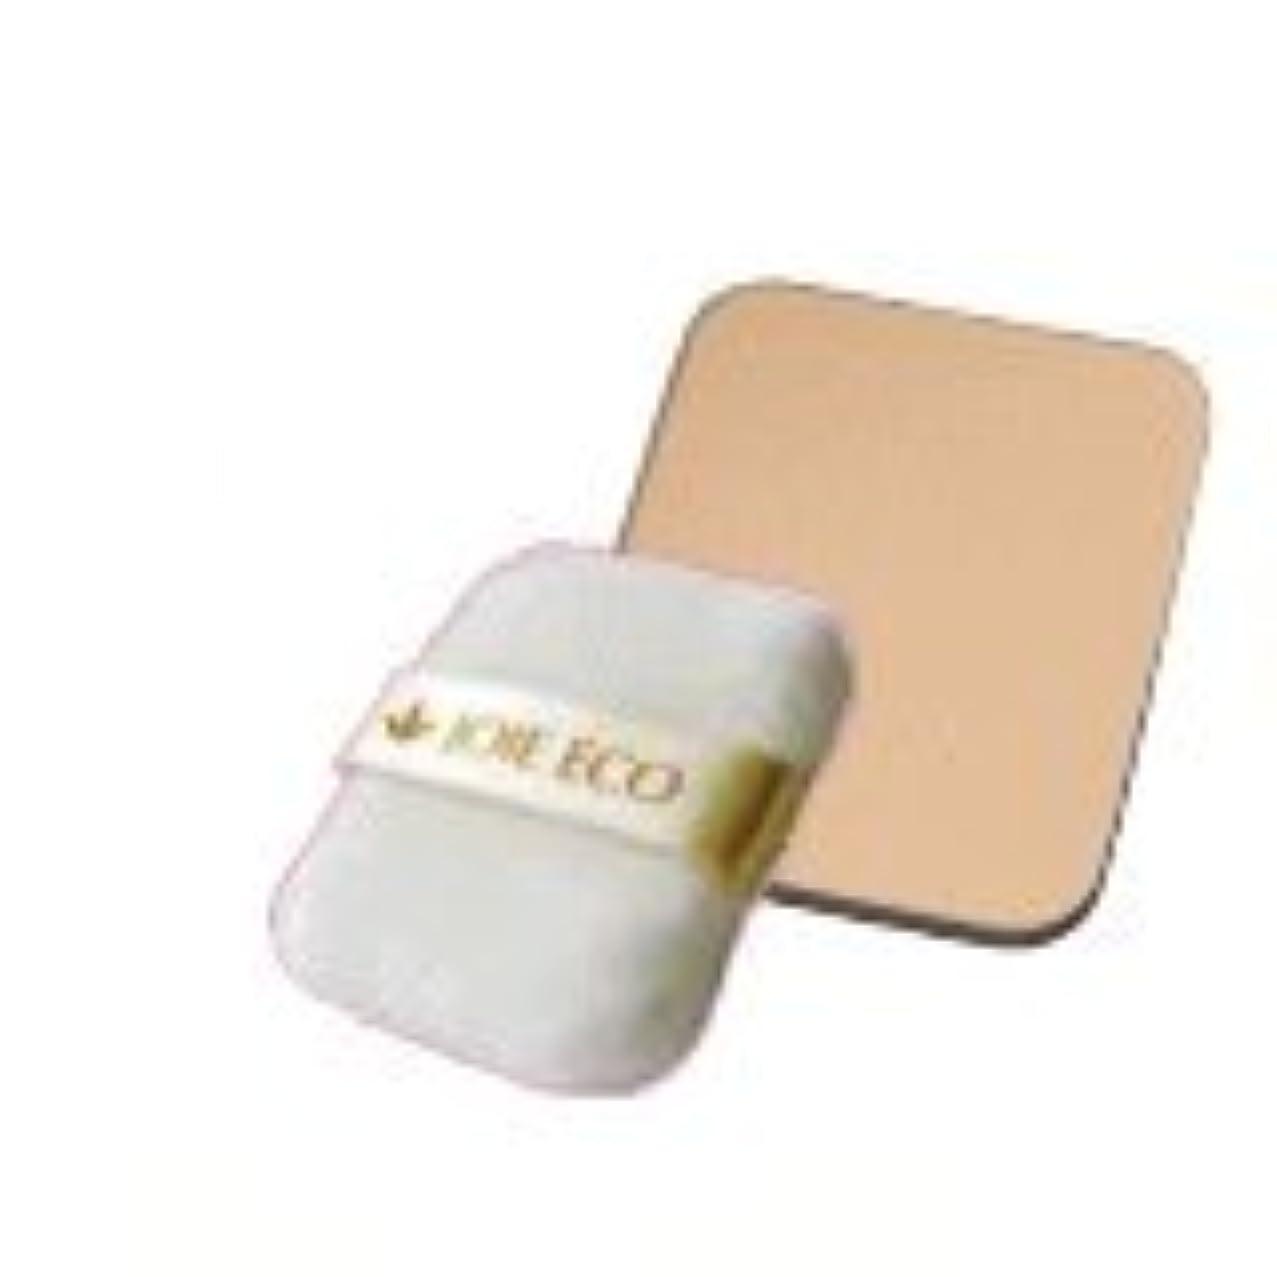 慣性ニコチンワードローブビーバンジョア ジョアエコ411Y UV光リフレクトパウダー リフィル/パフ付き 11g(ふわパフ付き)